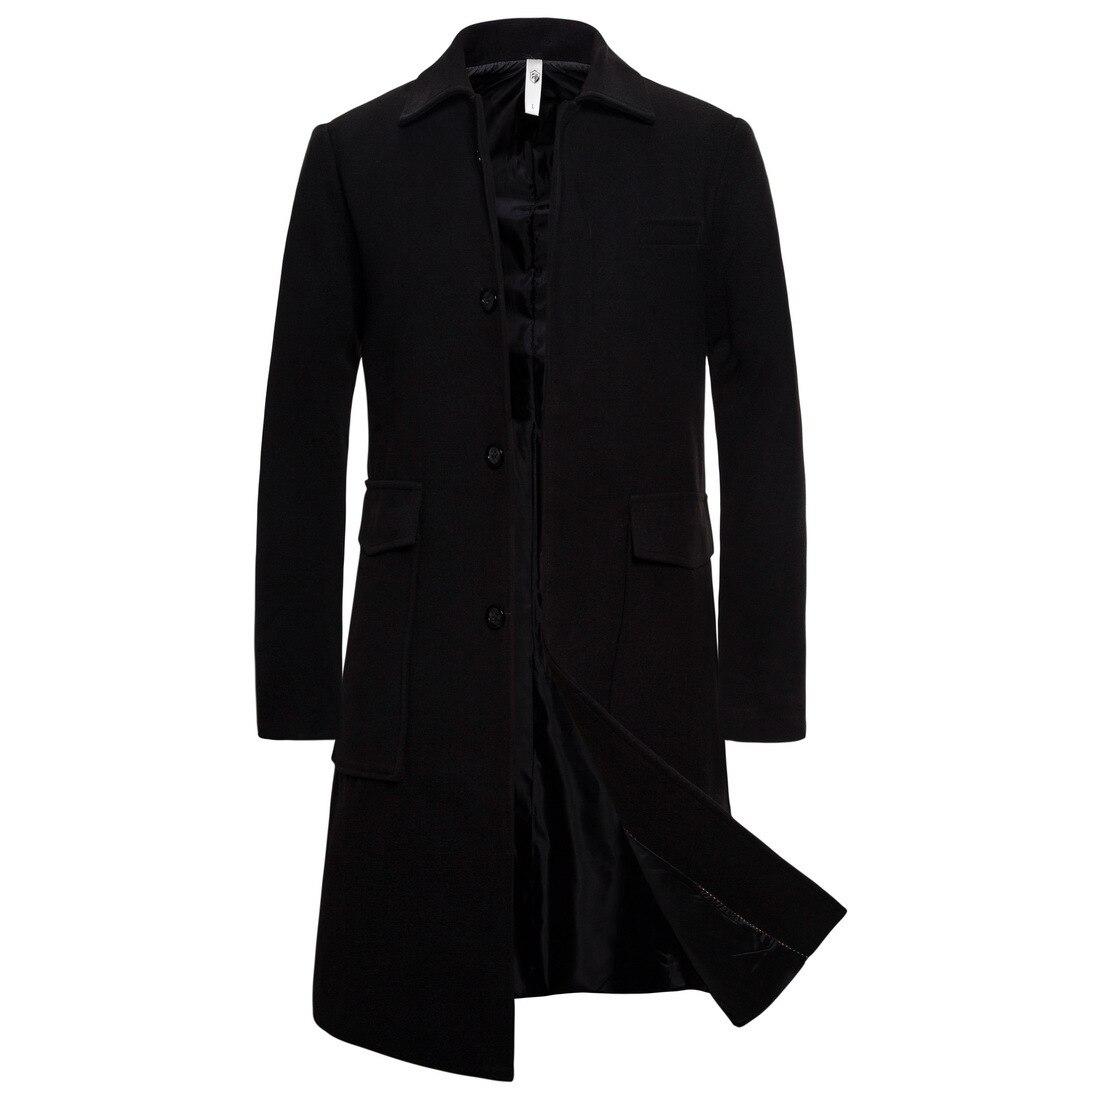 Новая мужская Зимняя шерстяная куртка, Мужская Повседневная Длинная шерстяная куртка, чистая модная повседневная куртка/мужская повседнев...